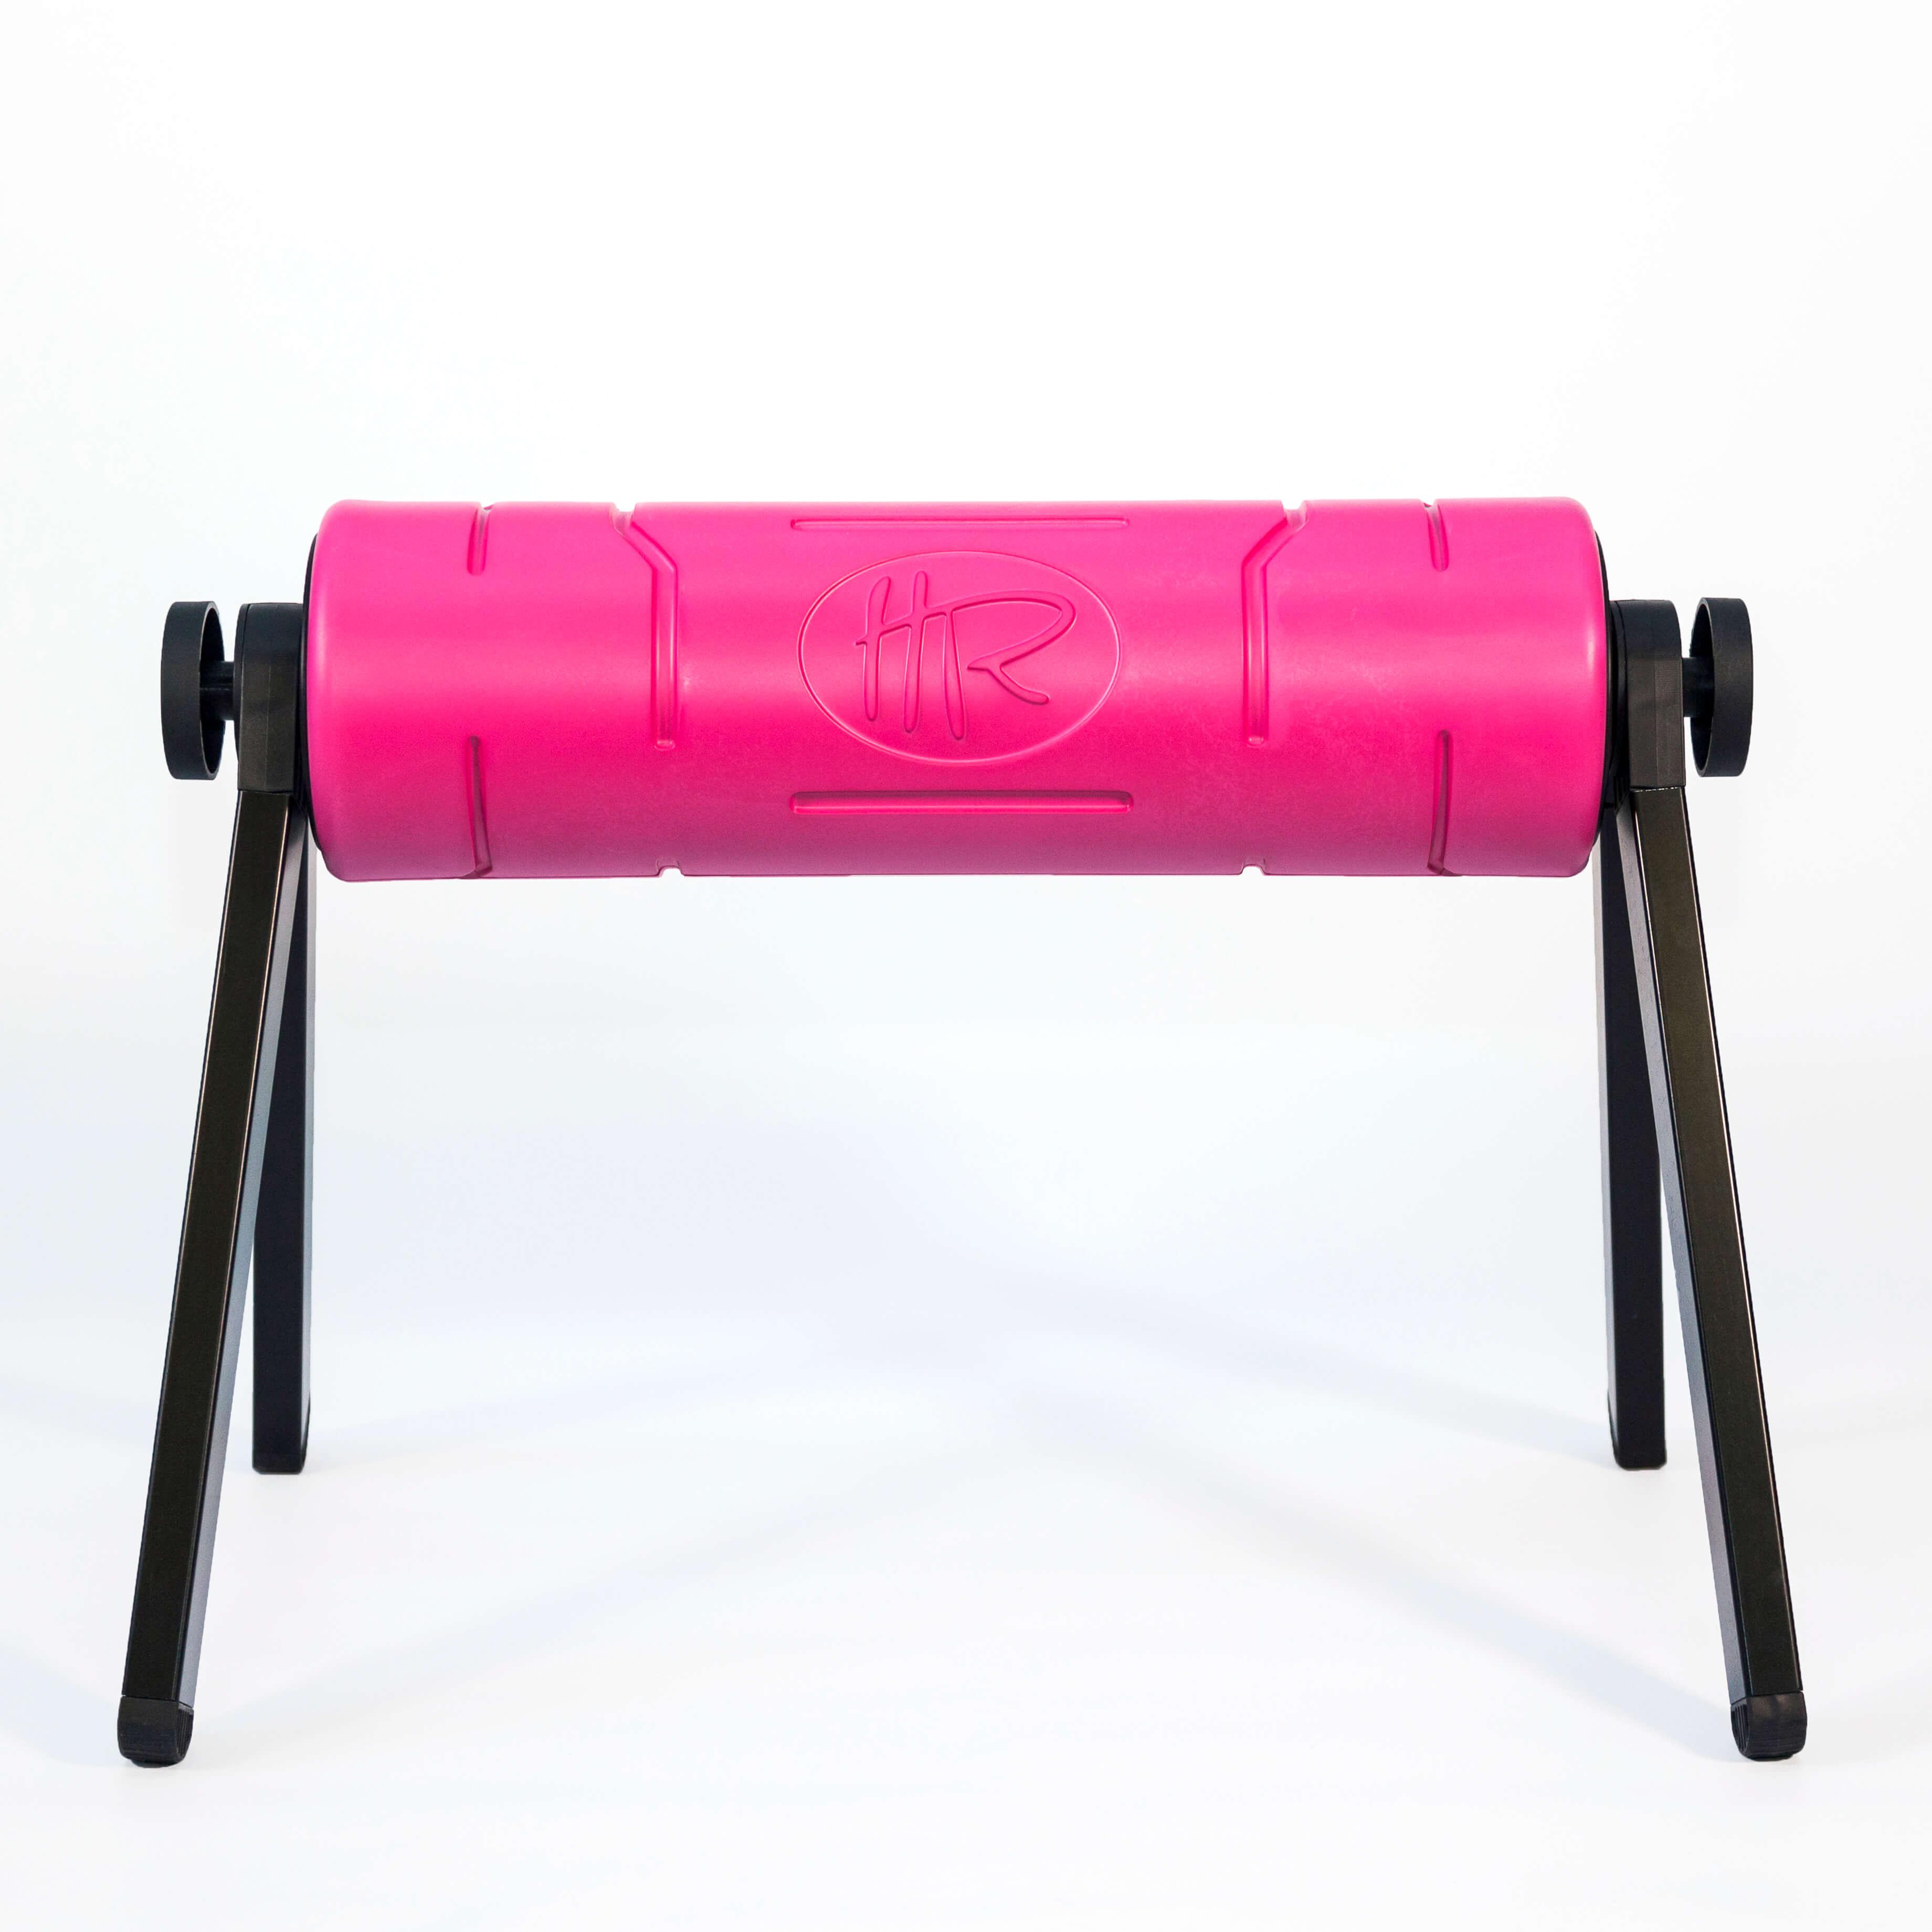 HighRoller 2.0 – pinkki